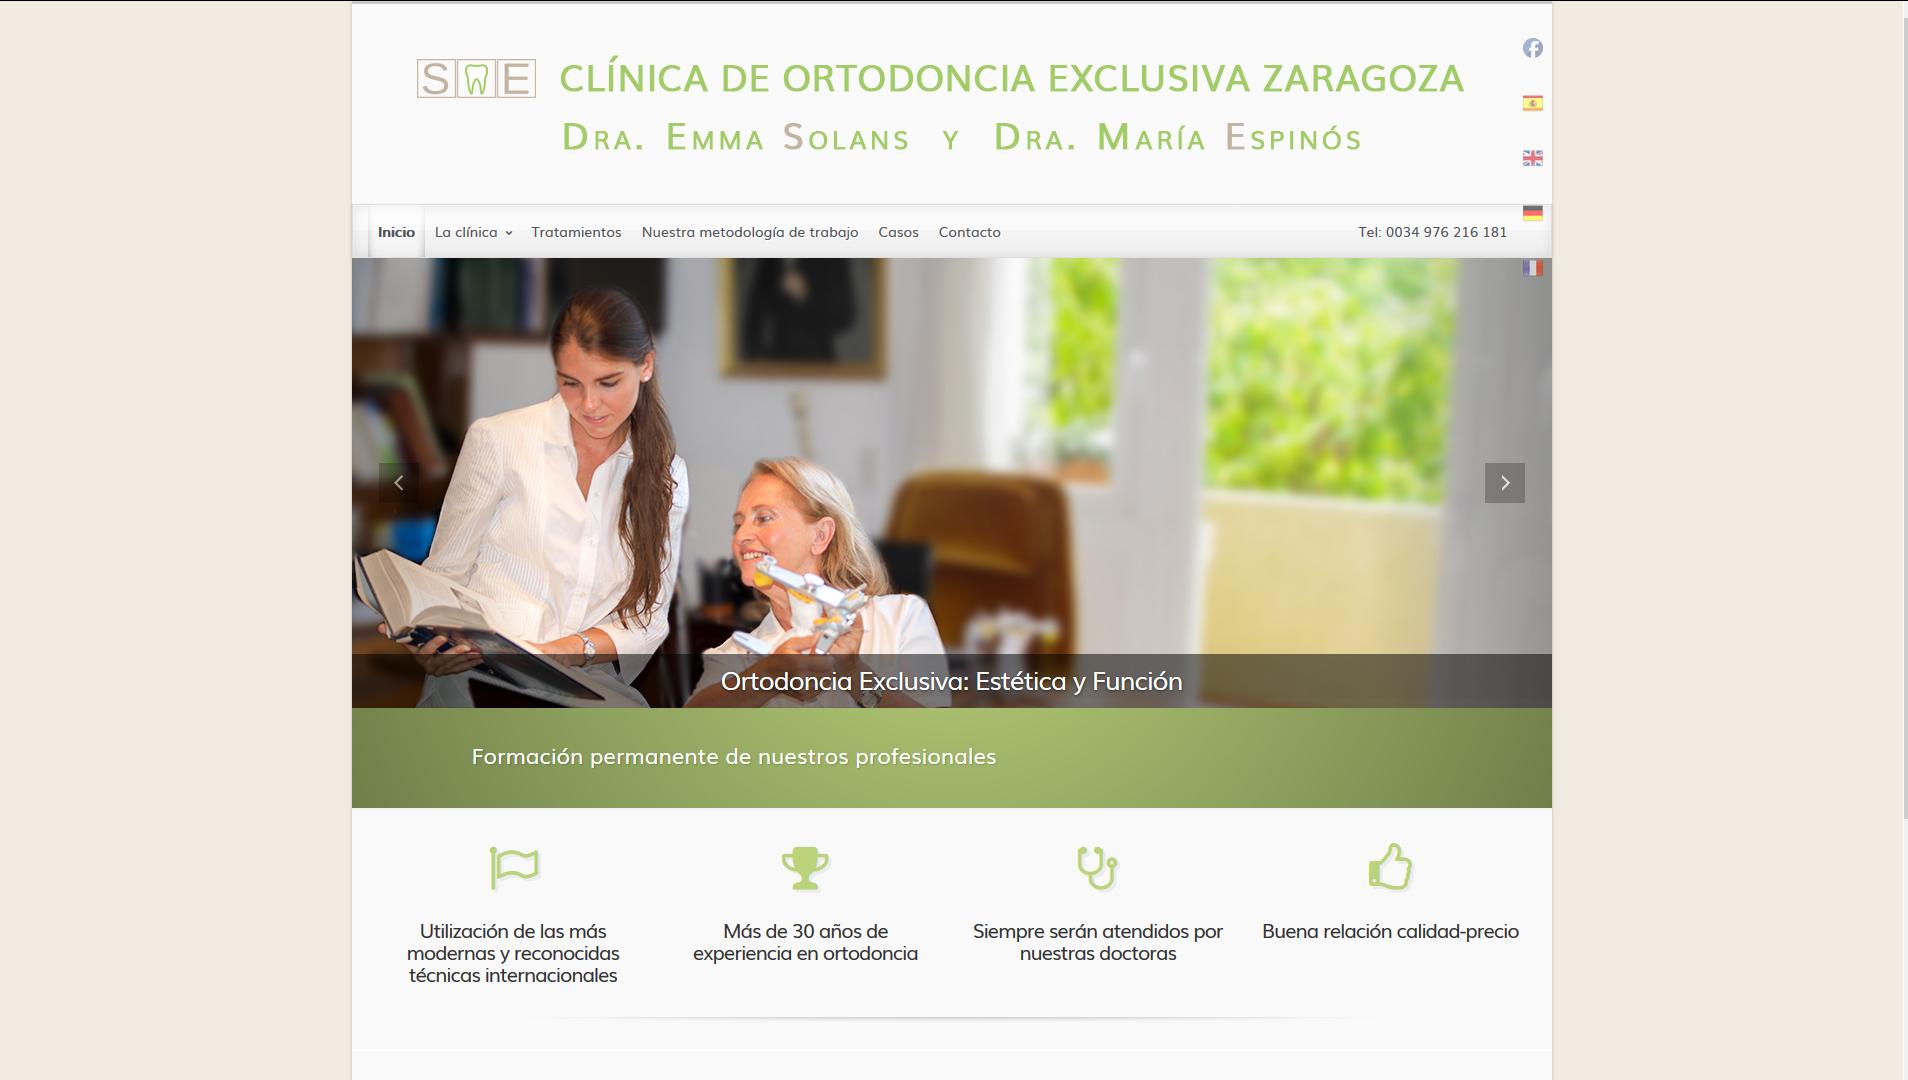 Clinica de Ortodoncia Exclusiva Zaragoza